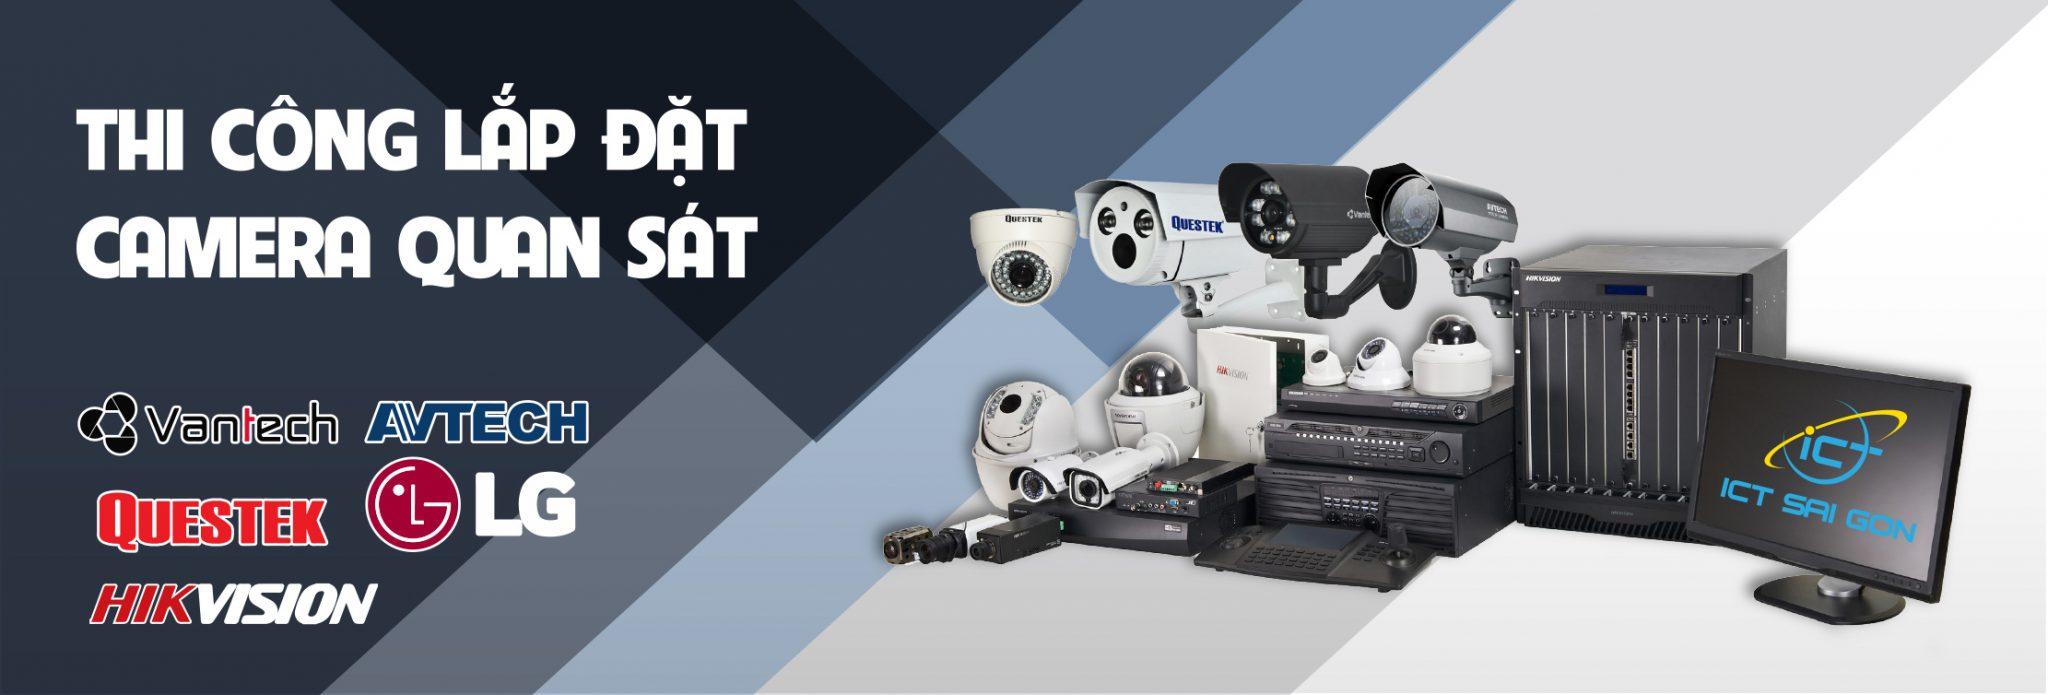 ICT Sài Gòn cung cấp dịch vụ thi công lắp đặt camera tận nơi